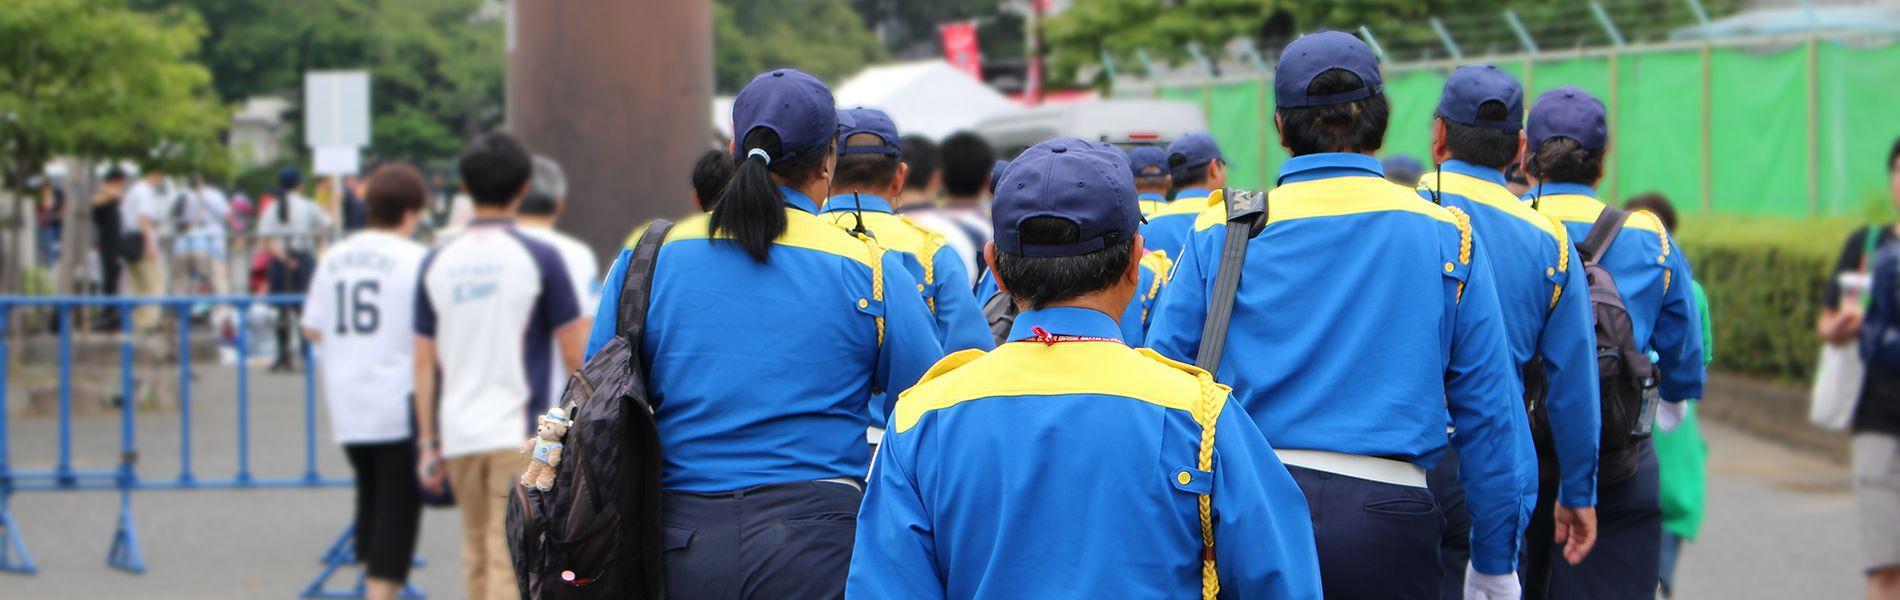 埼玉で実績豊富な警備会社ならセーフティユニオン